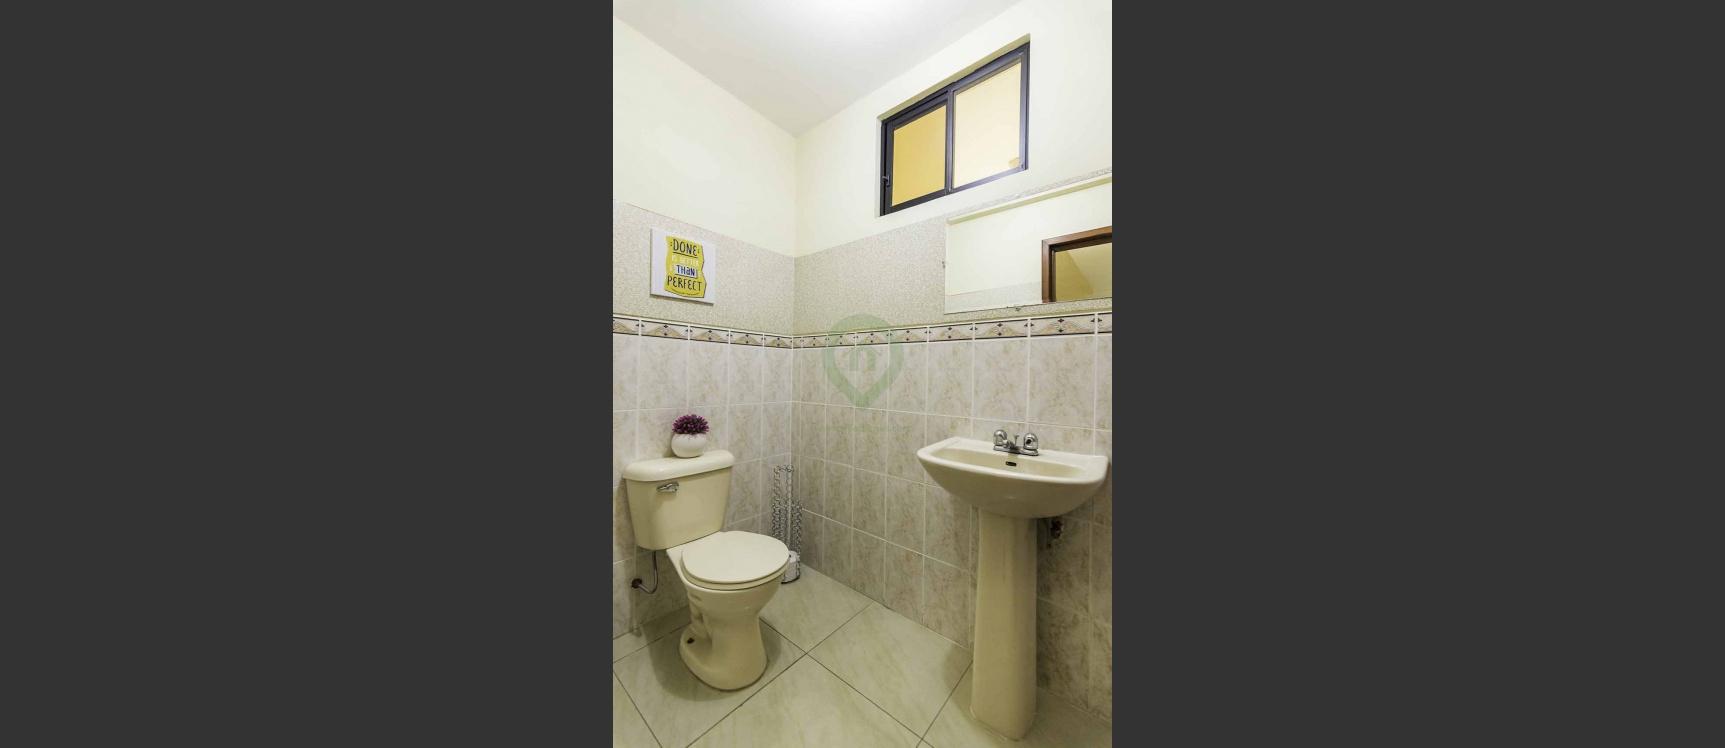 GeoBienes - Casa en alquiler en Ciudad Celeste vía a Samborondón - Plusvalia Guayaquil Casas de venta y alquiler Inmobiliaria Ecuador